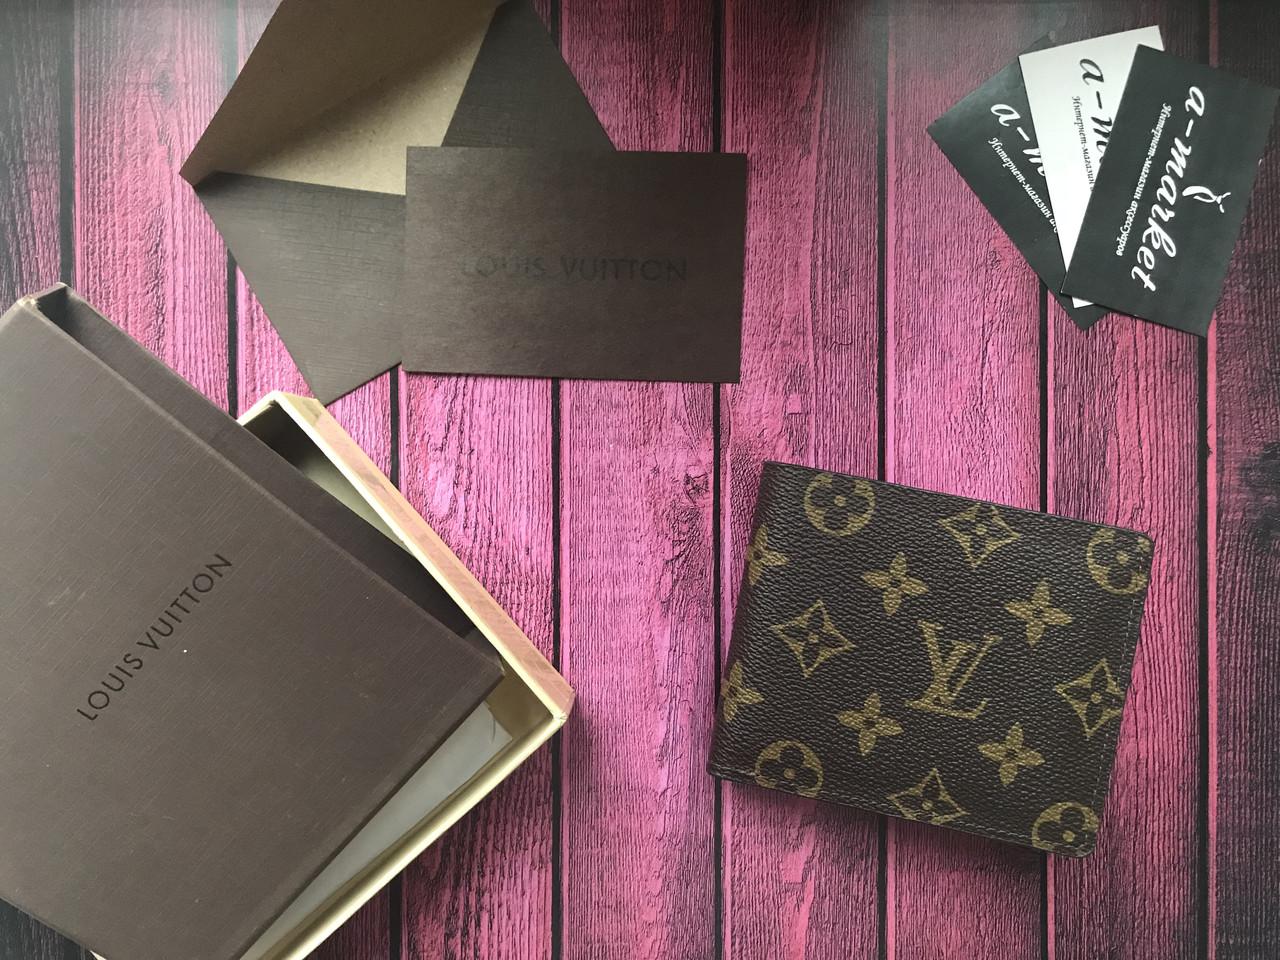 557ed5a04650 Кошелек клатч портмоне бумажник мужской женский Louis Vuitton Monogram премиум  реплика